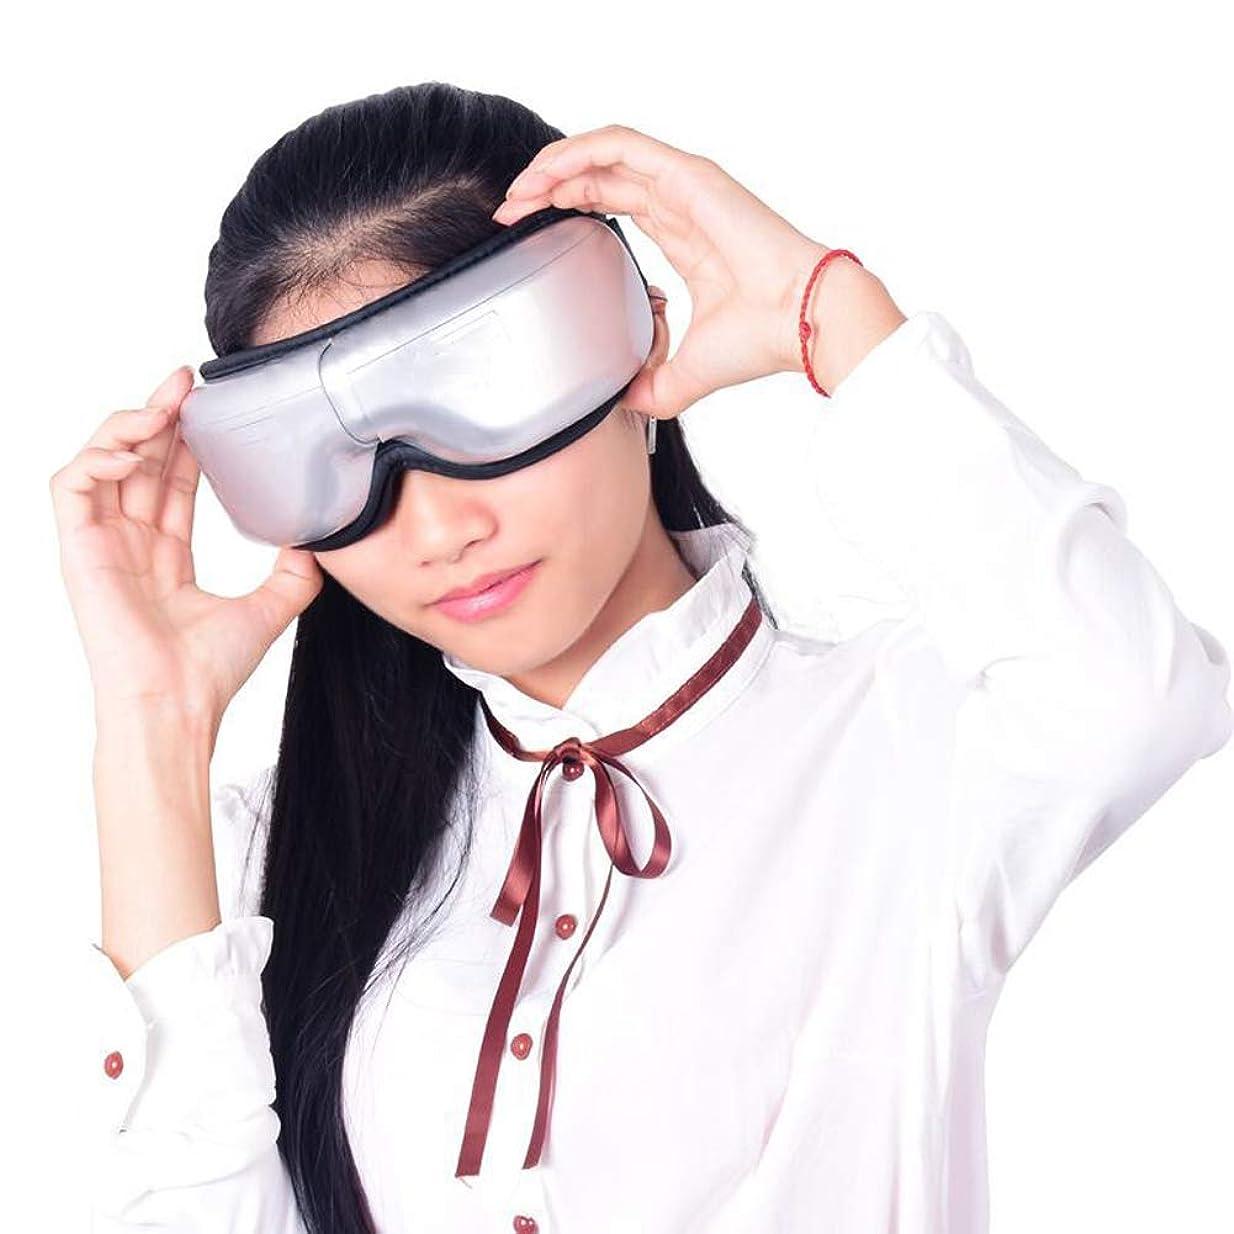 舌スカープかけるアイマッサージャー、ダークサークルとアイバッグを除去するための電気ワイヤレスアイプロテクター\トレーニングビジョン\眼精疲労の軽減